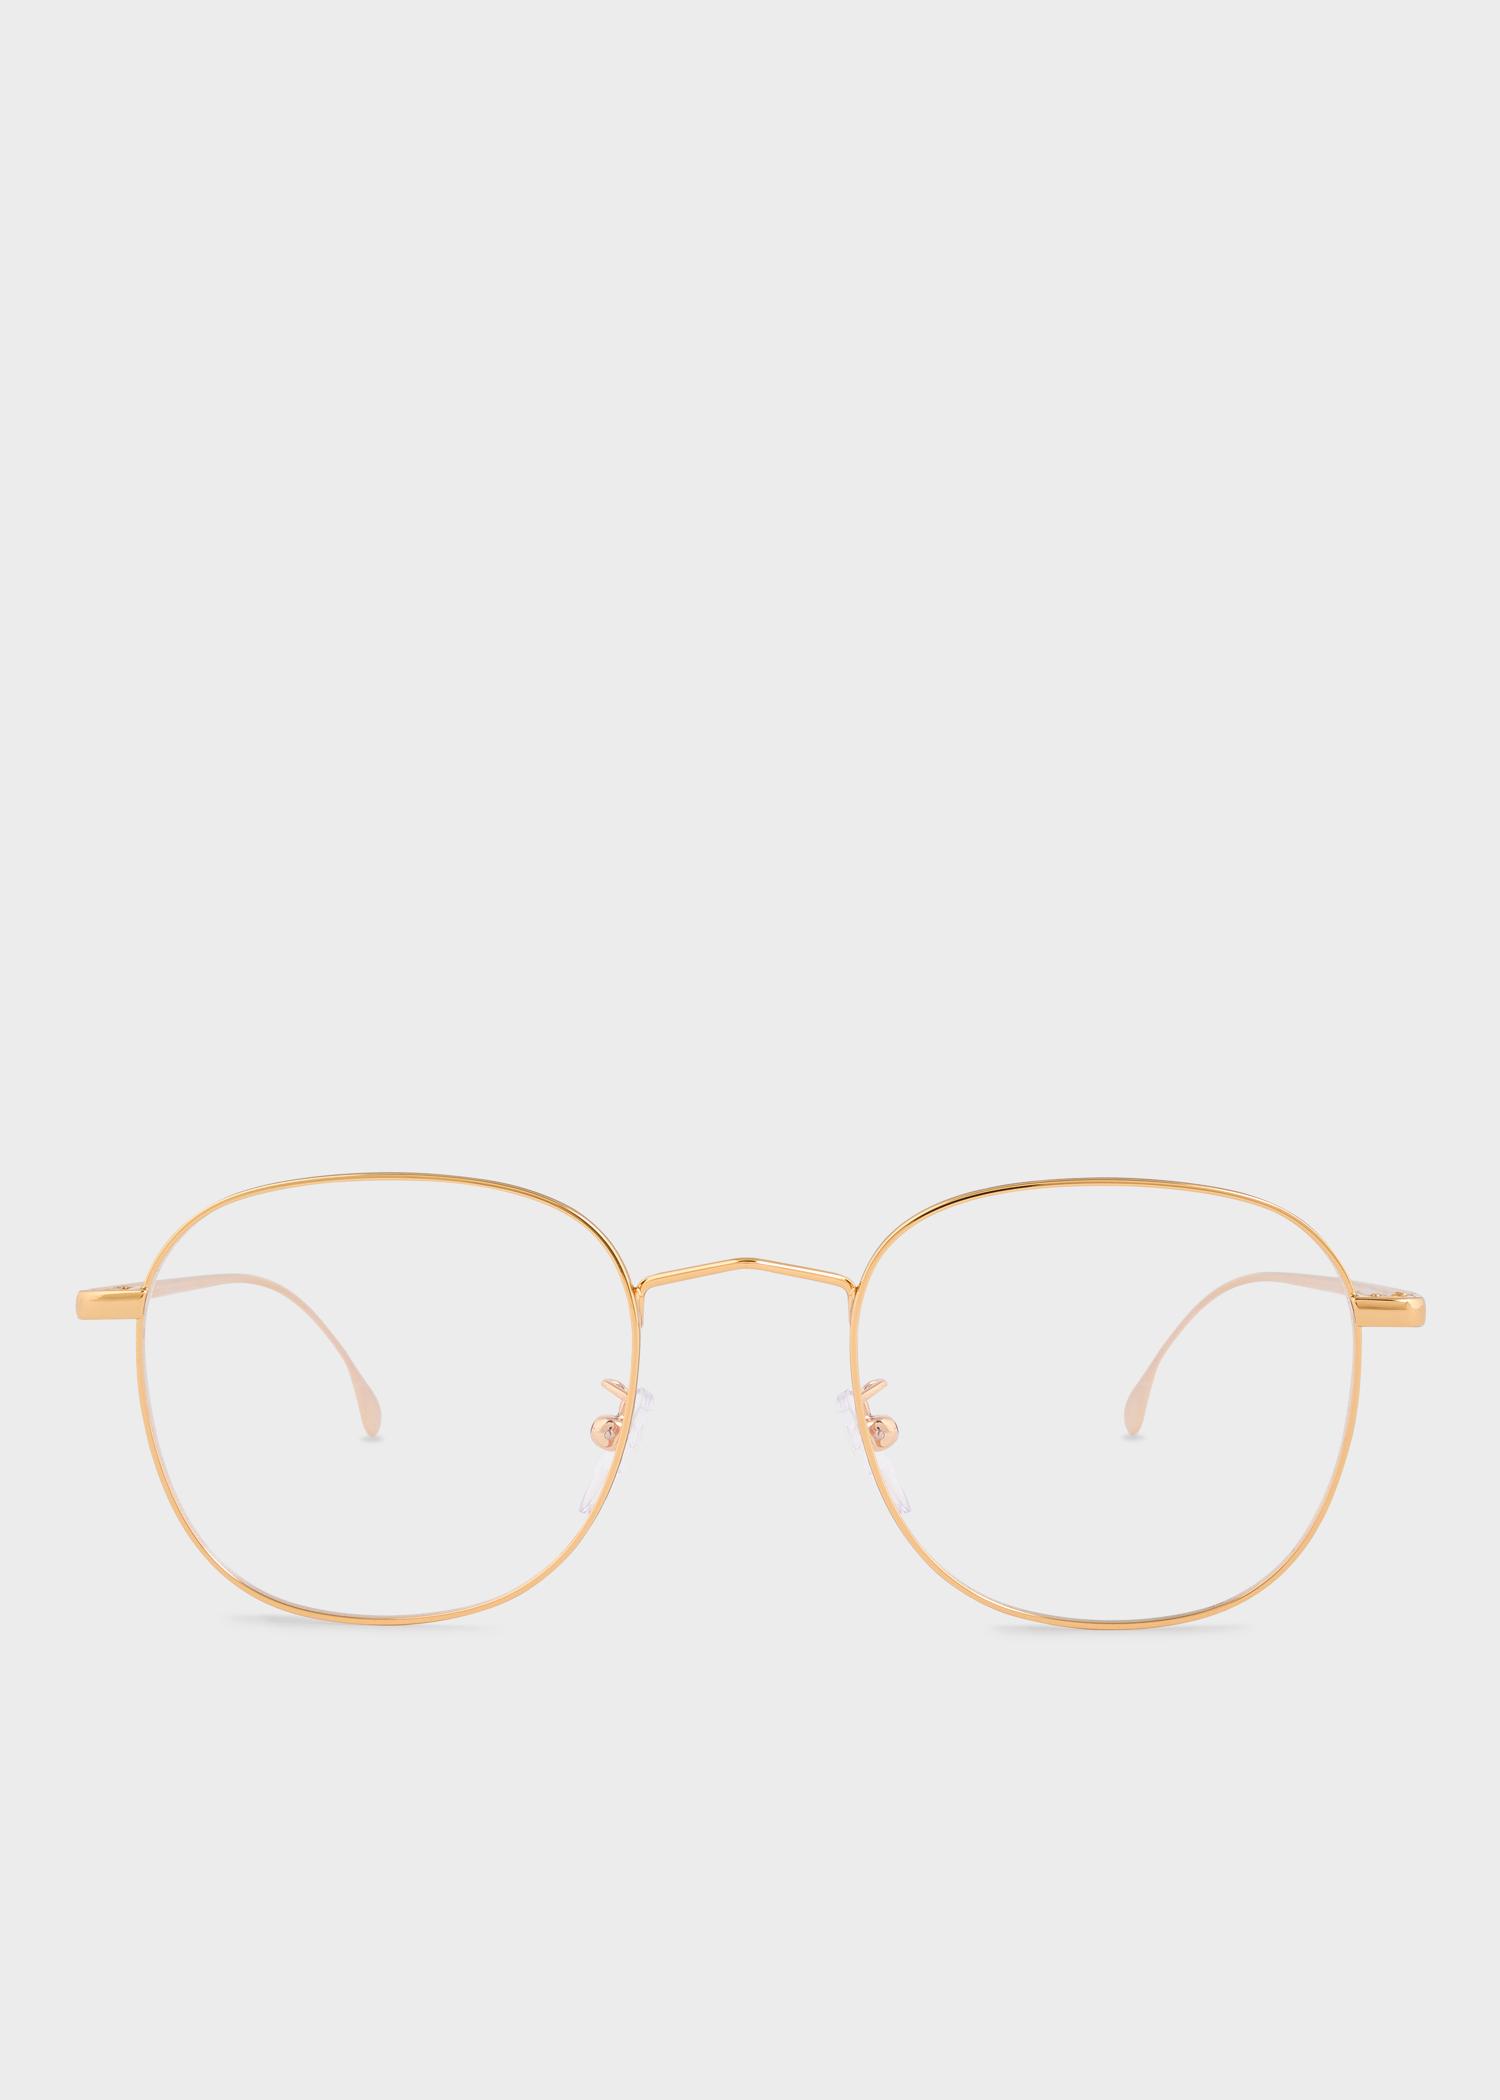 879a5e2eb8 Paul Smith Gold  Arnold  Spectacles - Paul Smith Hong Kong